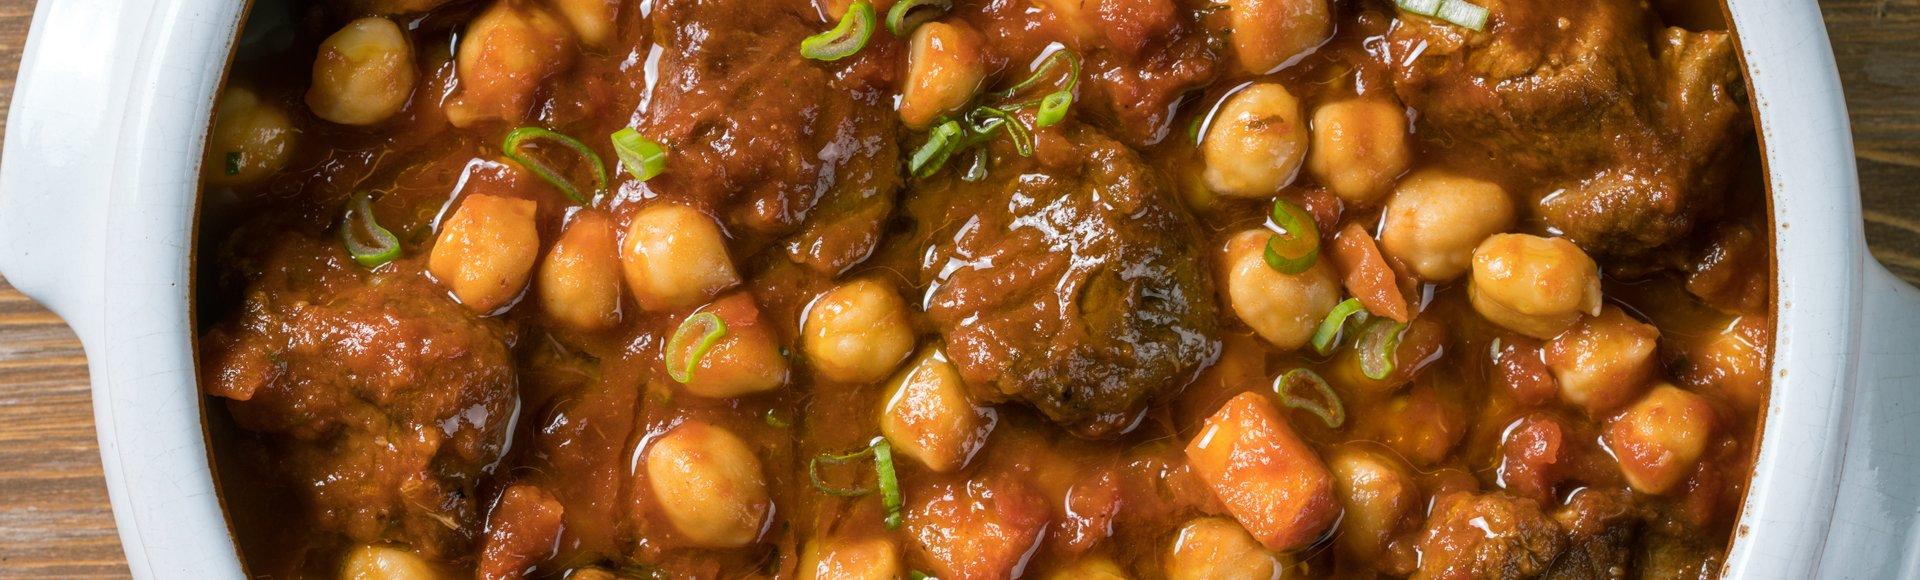 Χοιρινό με ρεβίθια στον φούρνο